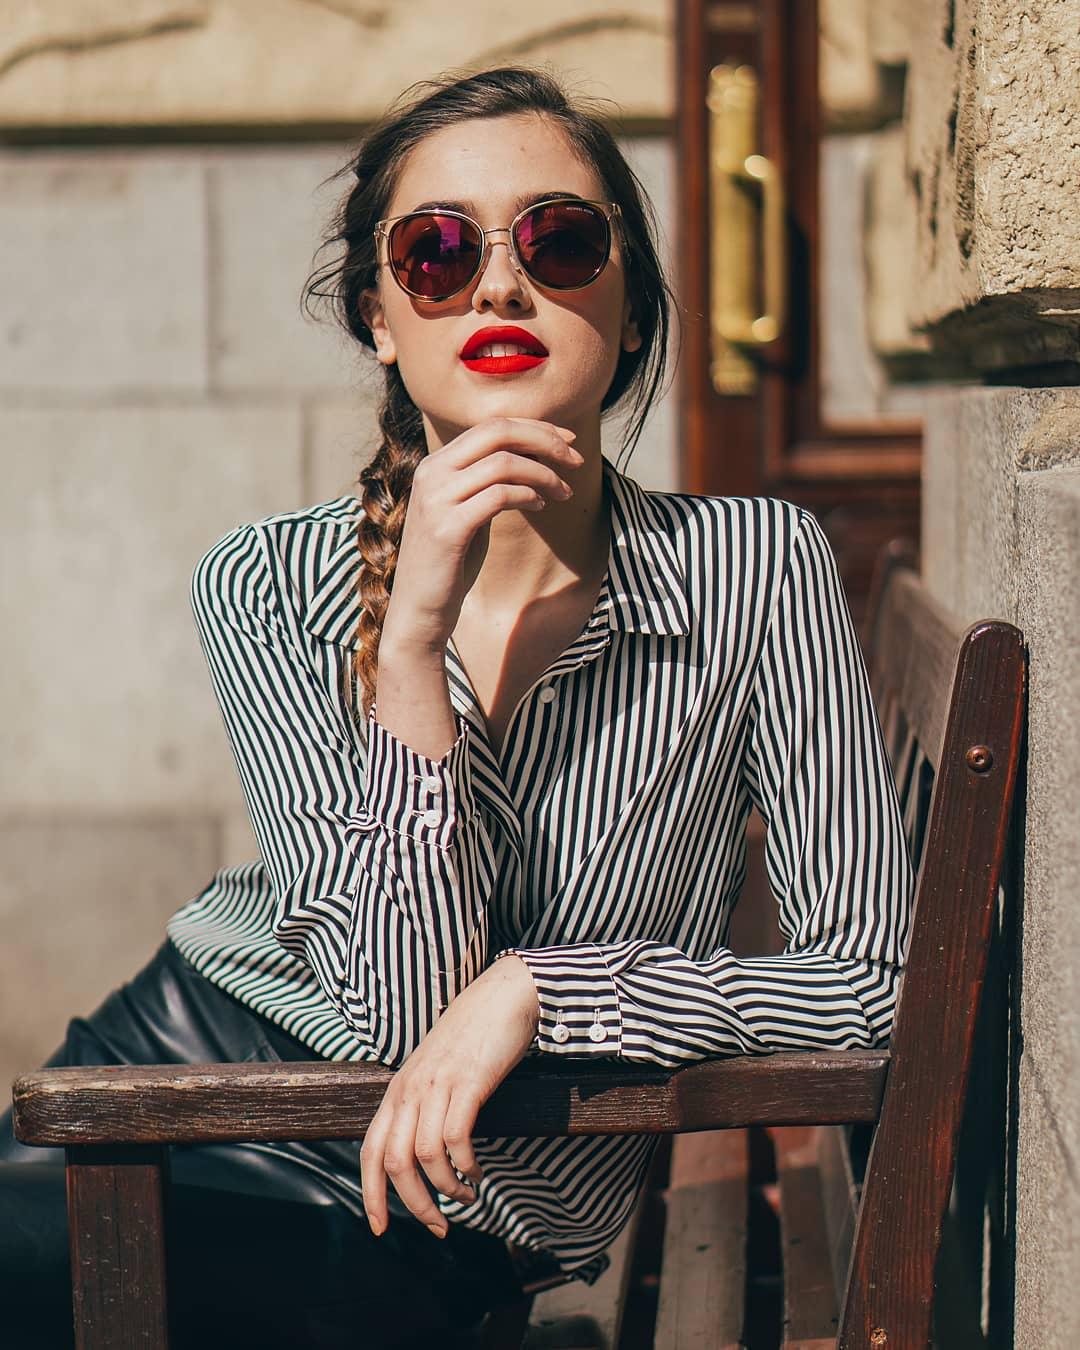 Užijte si slunečný podzim se stylovými modely brýlí #michaelkors️ , které pořídíte exkluzivně v naší optice se slevou 15% a ještě si vychutnáte skleničku prosecca k tomu!  . #vasecocky #optika #slunecnibryle #sunglasses #dnesnosim